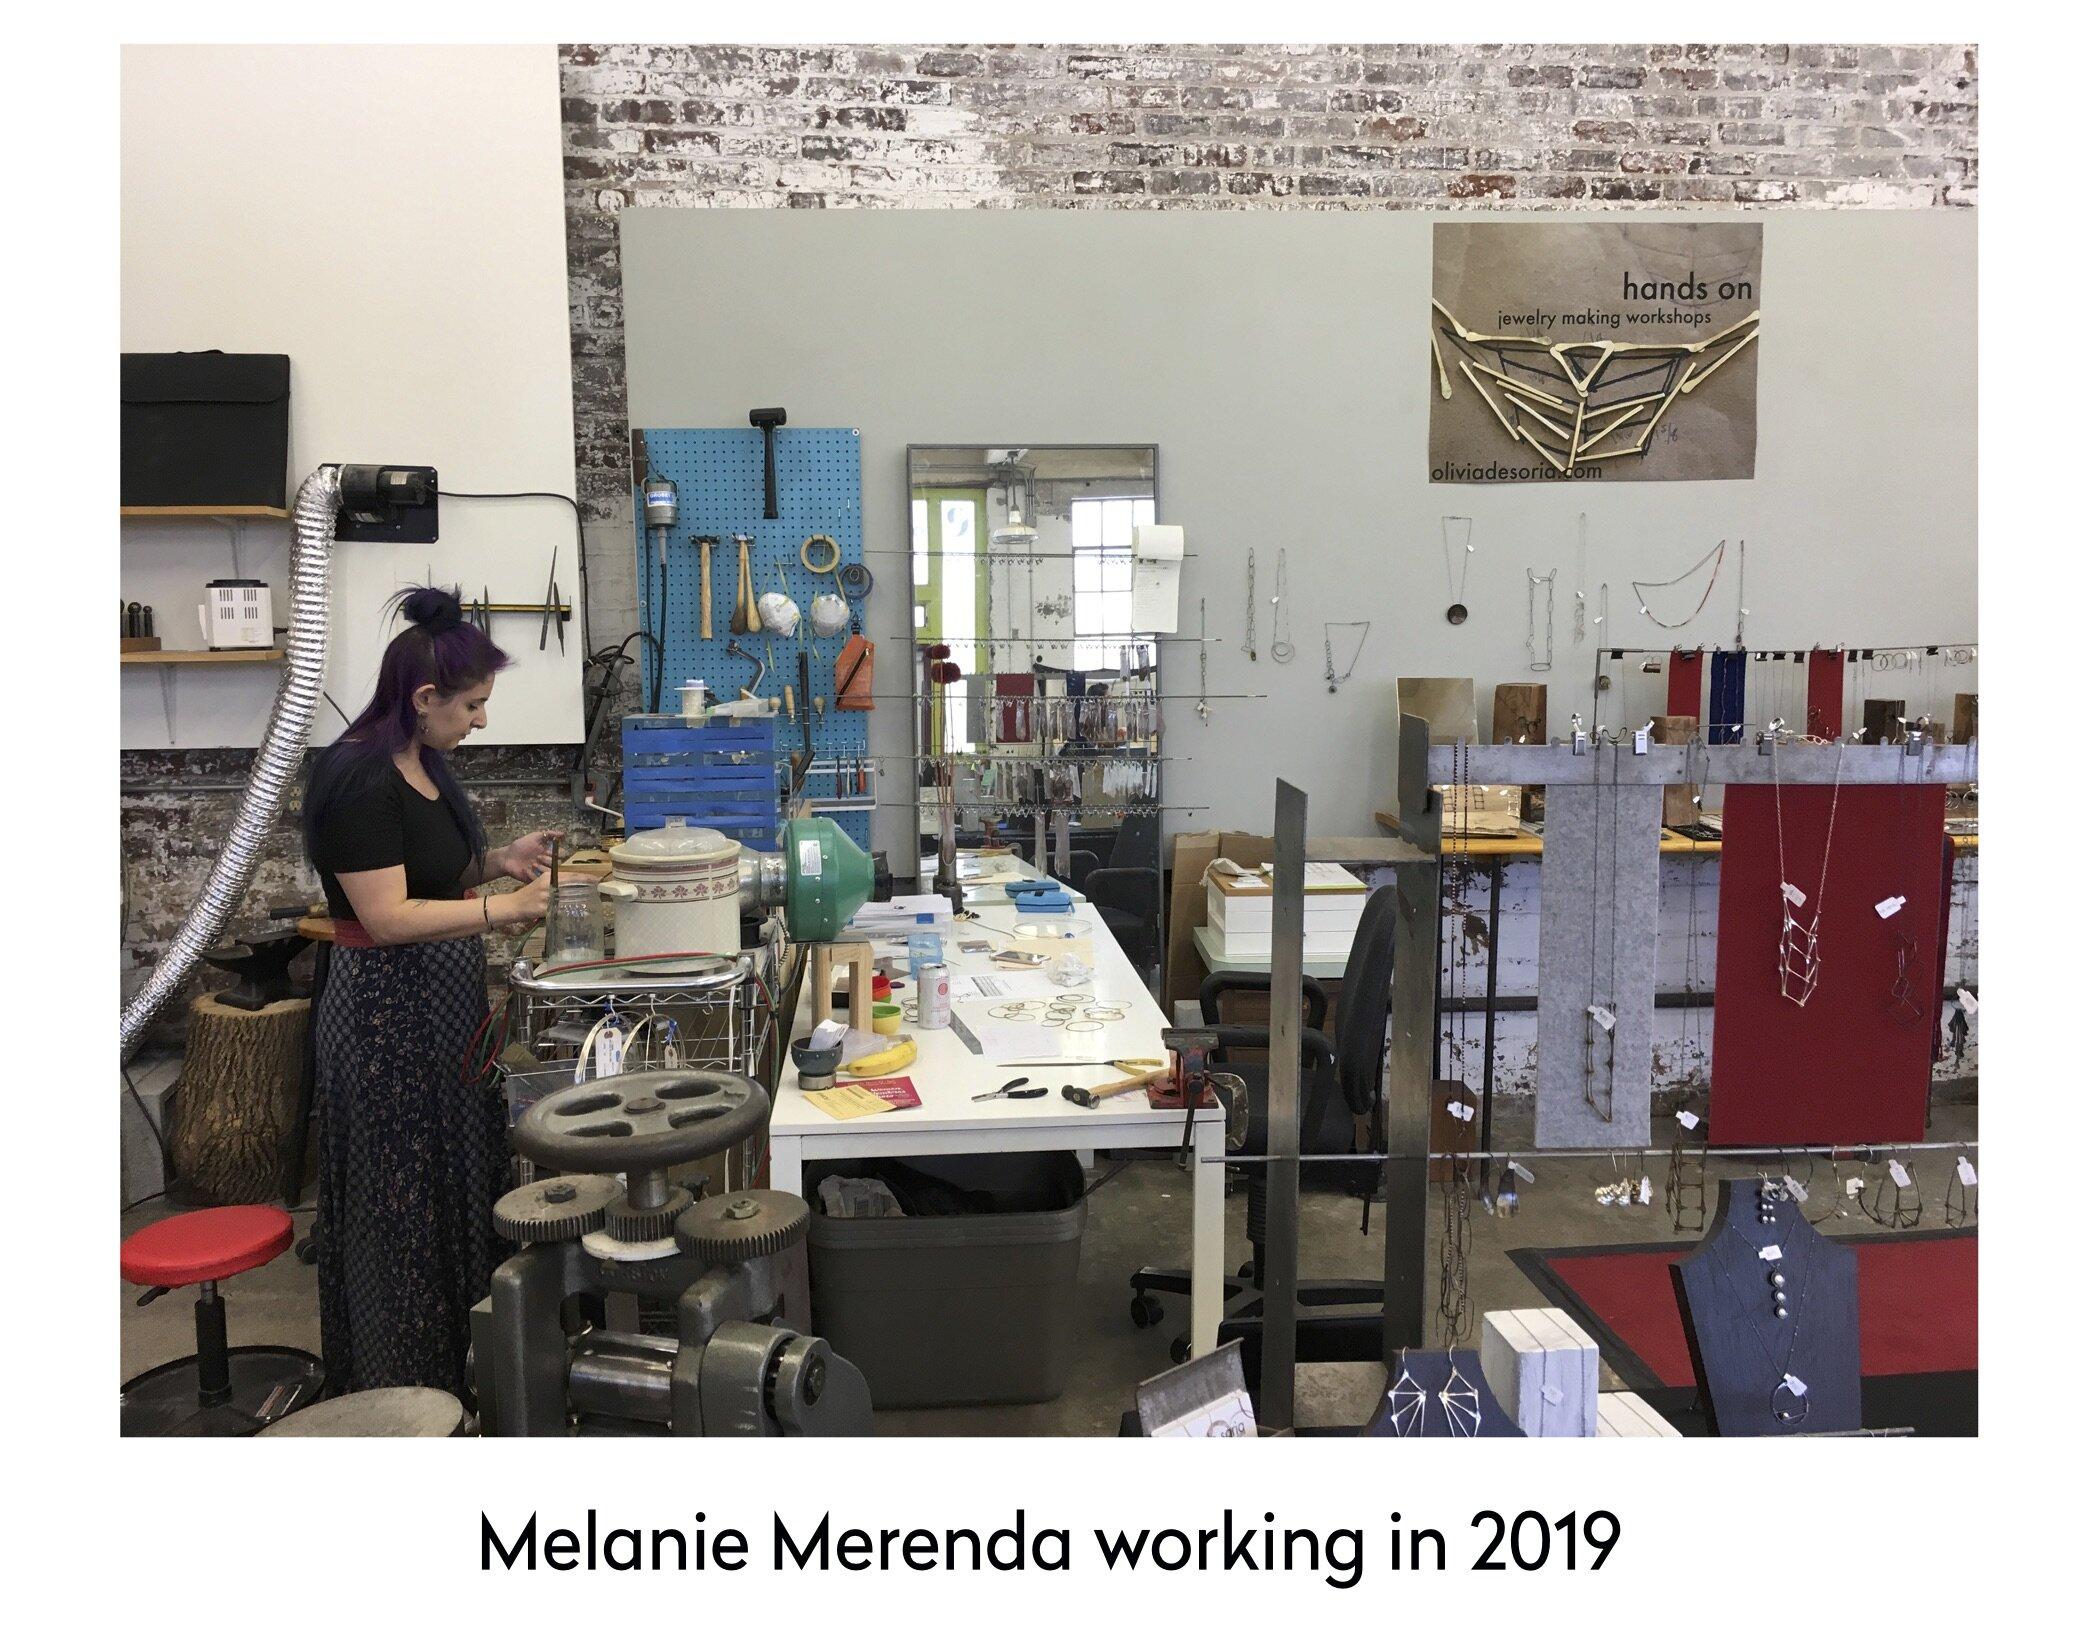 melanie merenda curve 2019.jpg